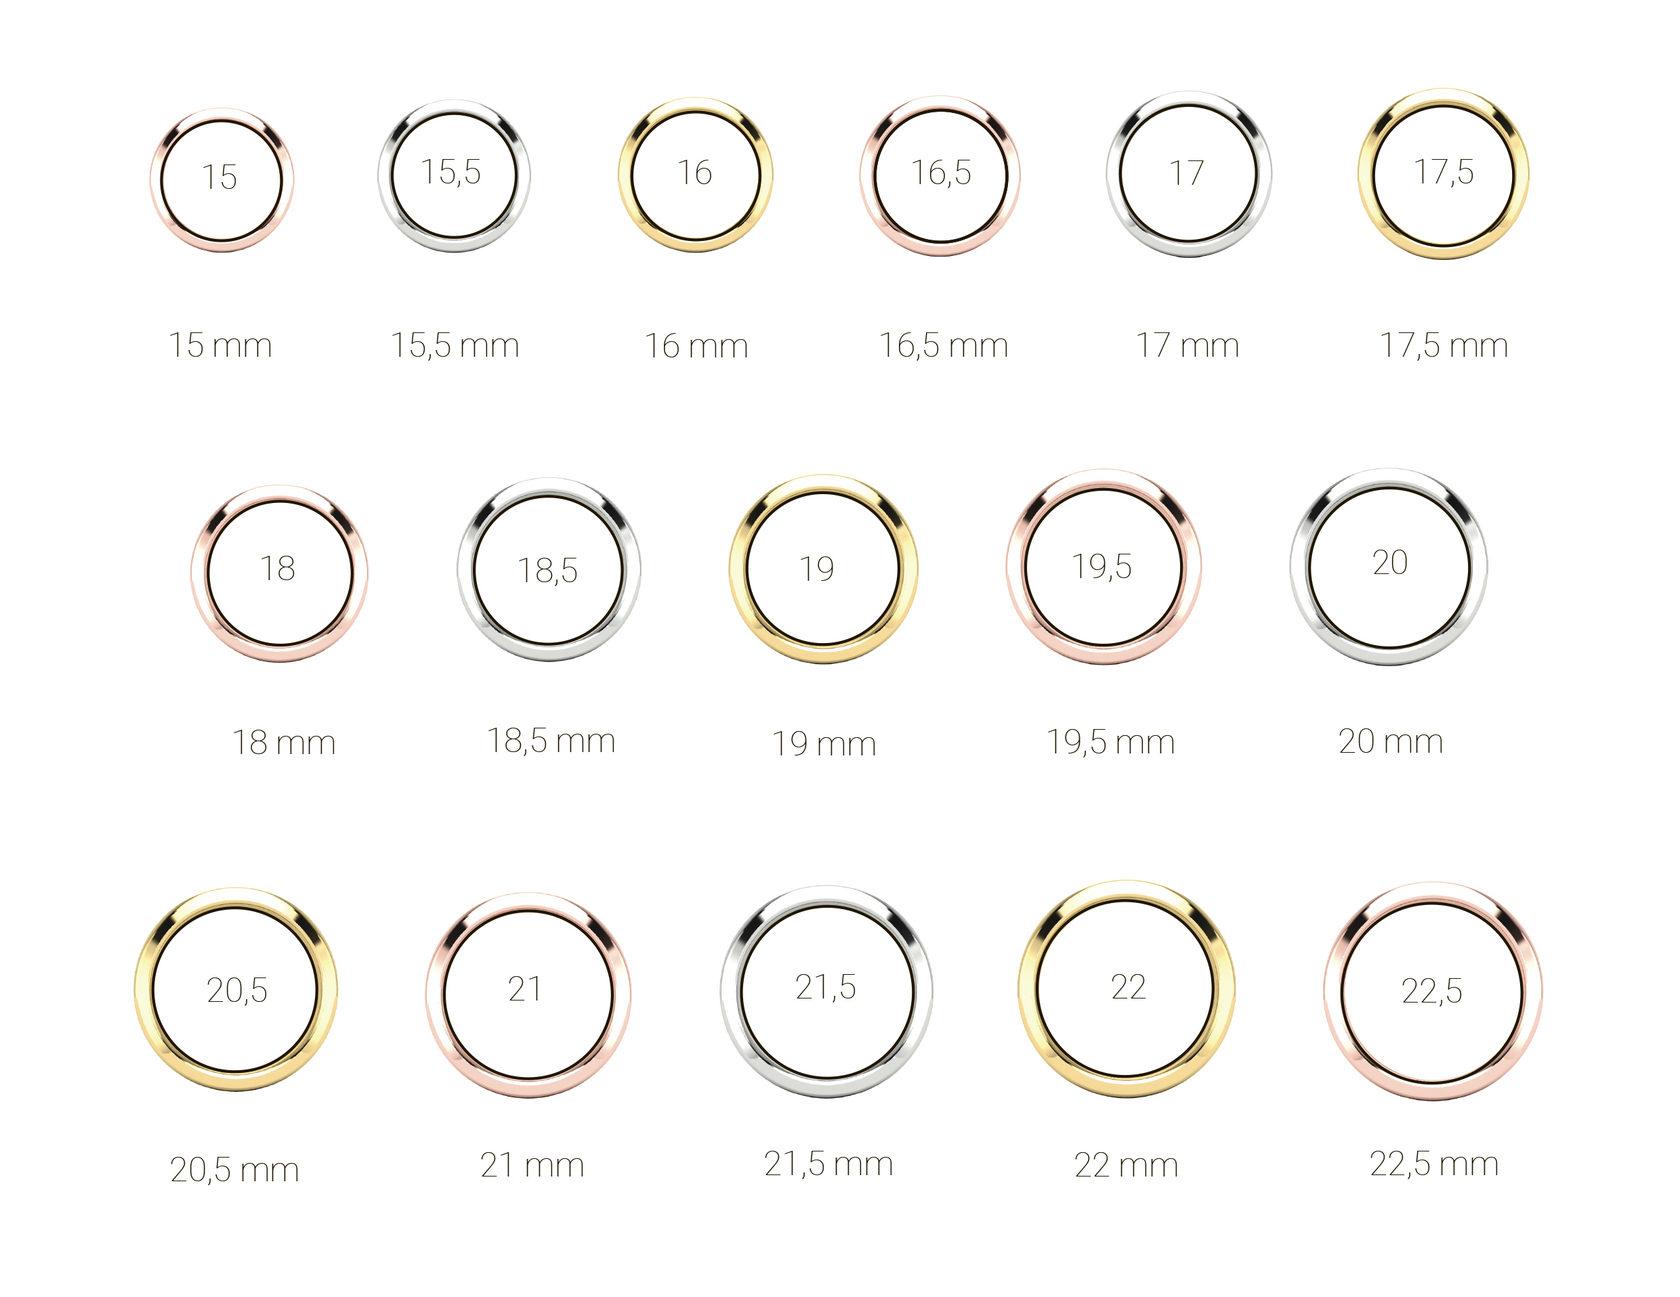 Таблица размеров обручальных колец